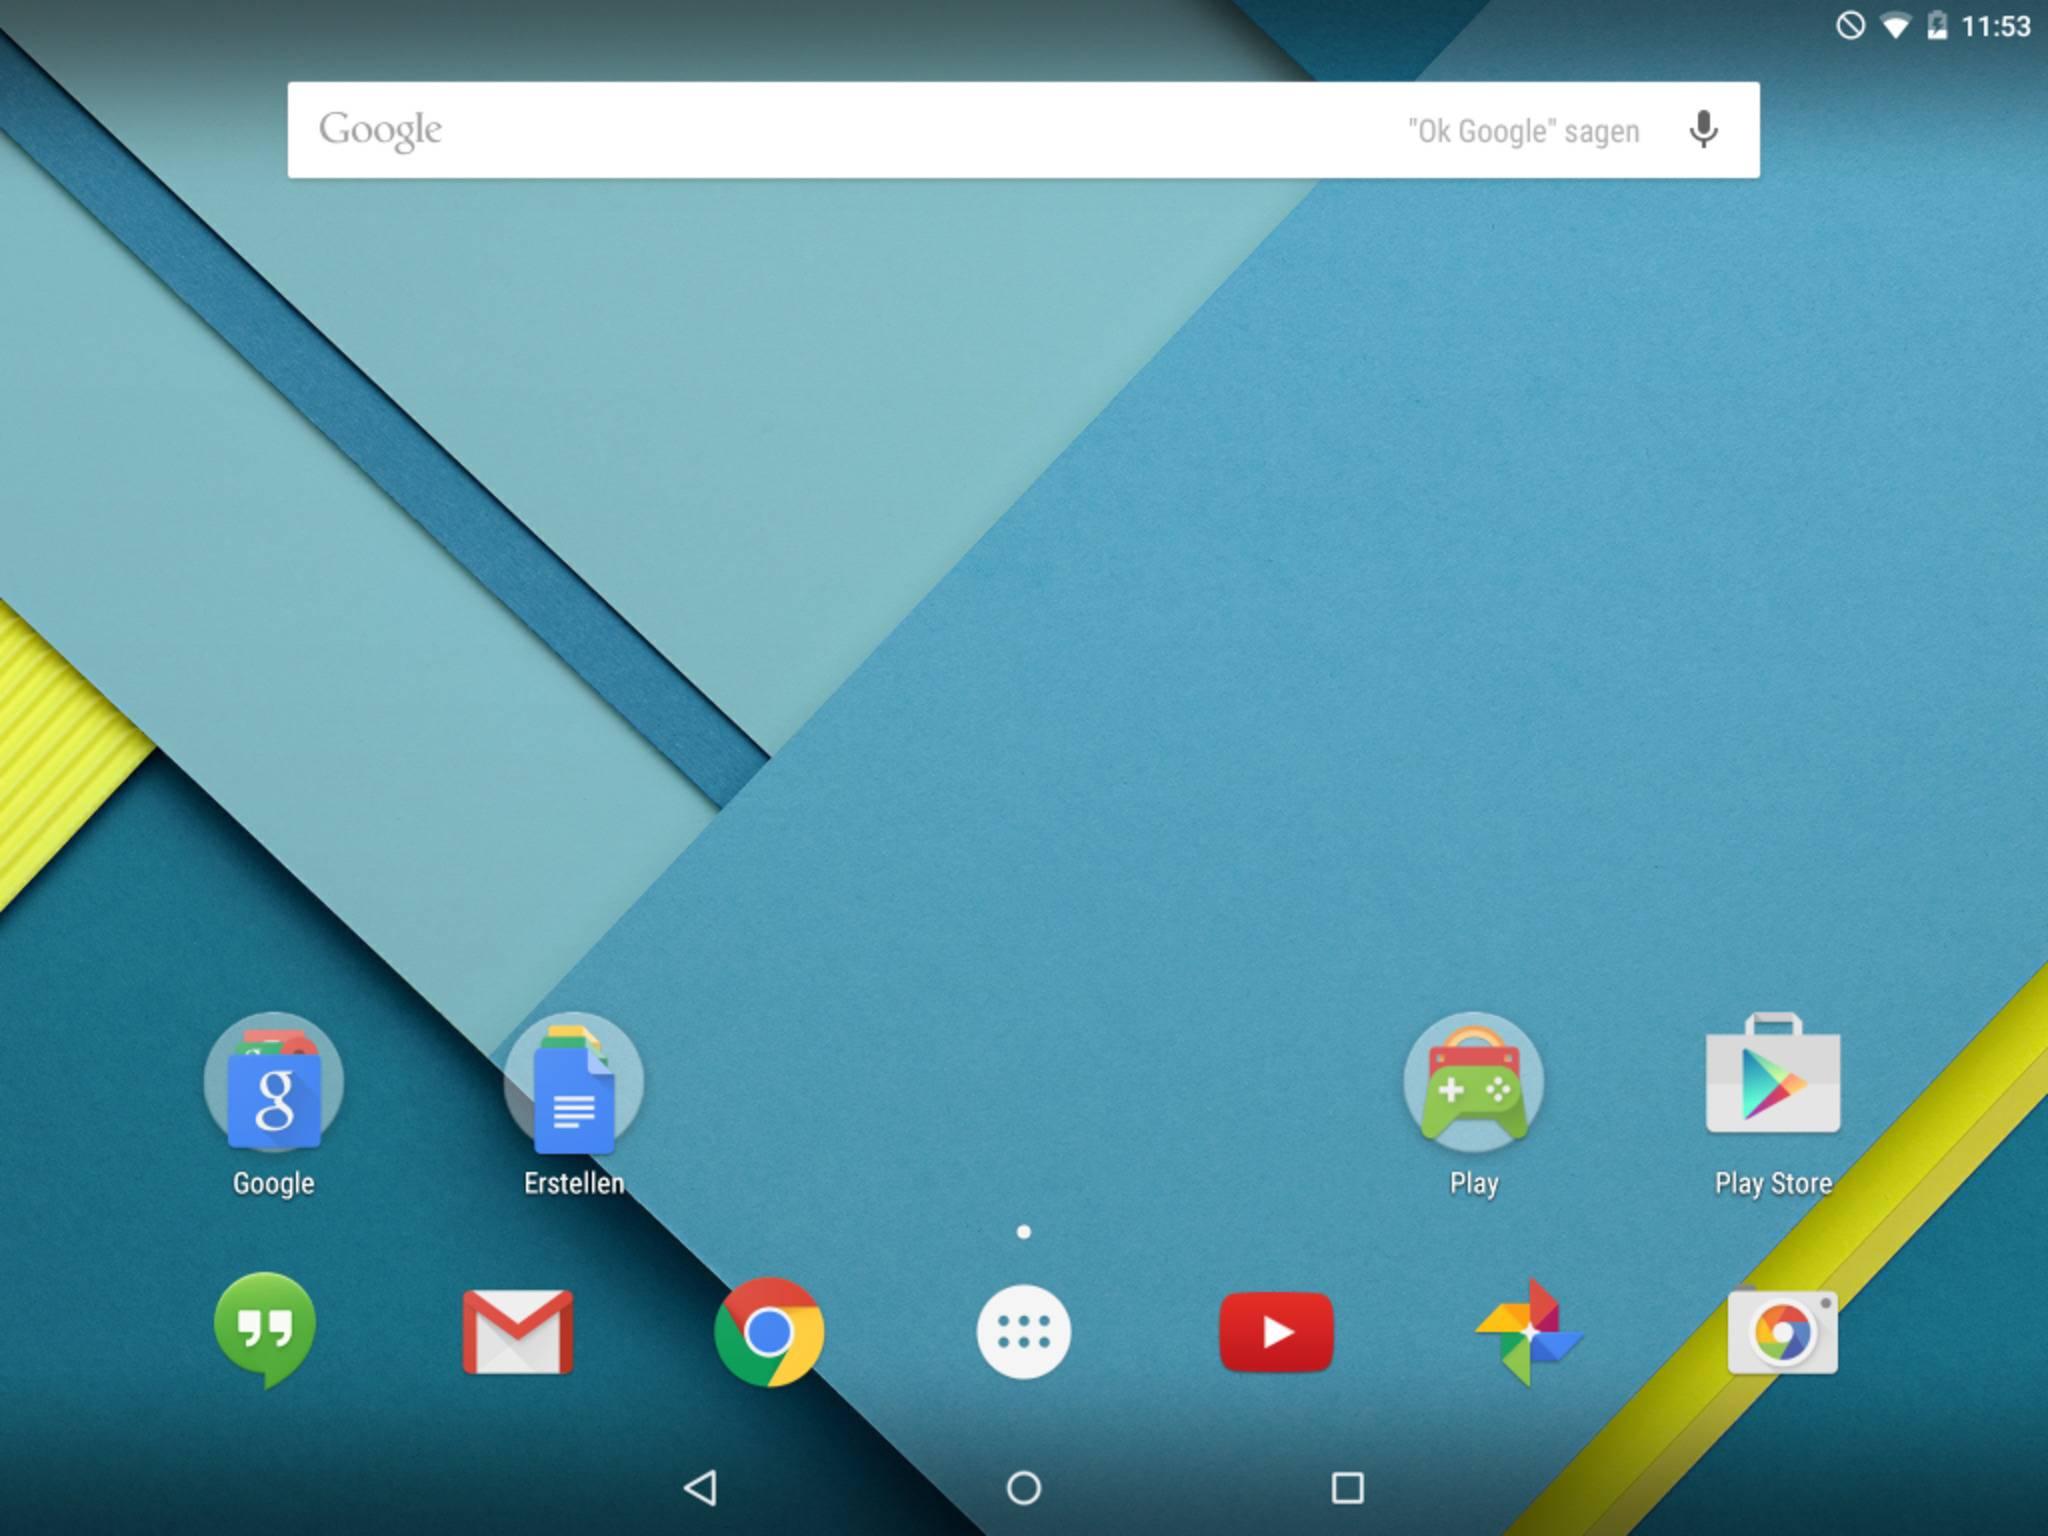 Nexus 9 Android 5.0 Lollipop